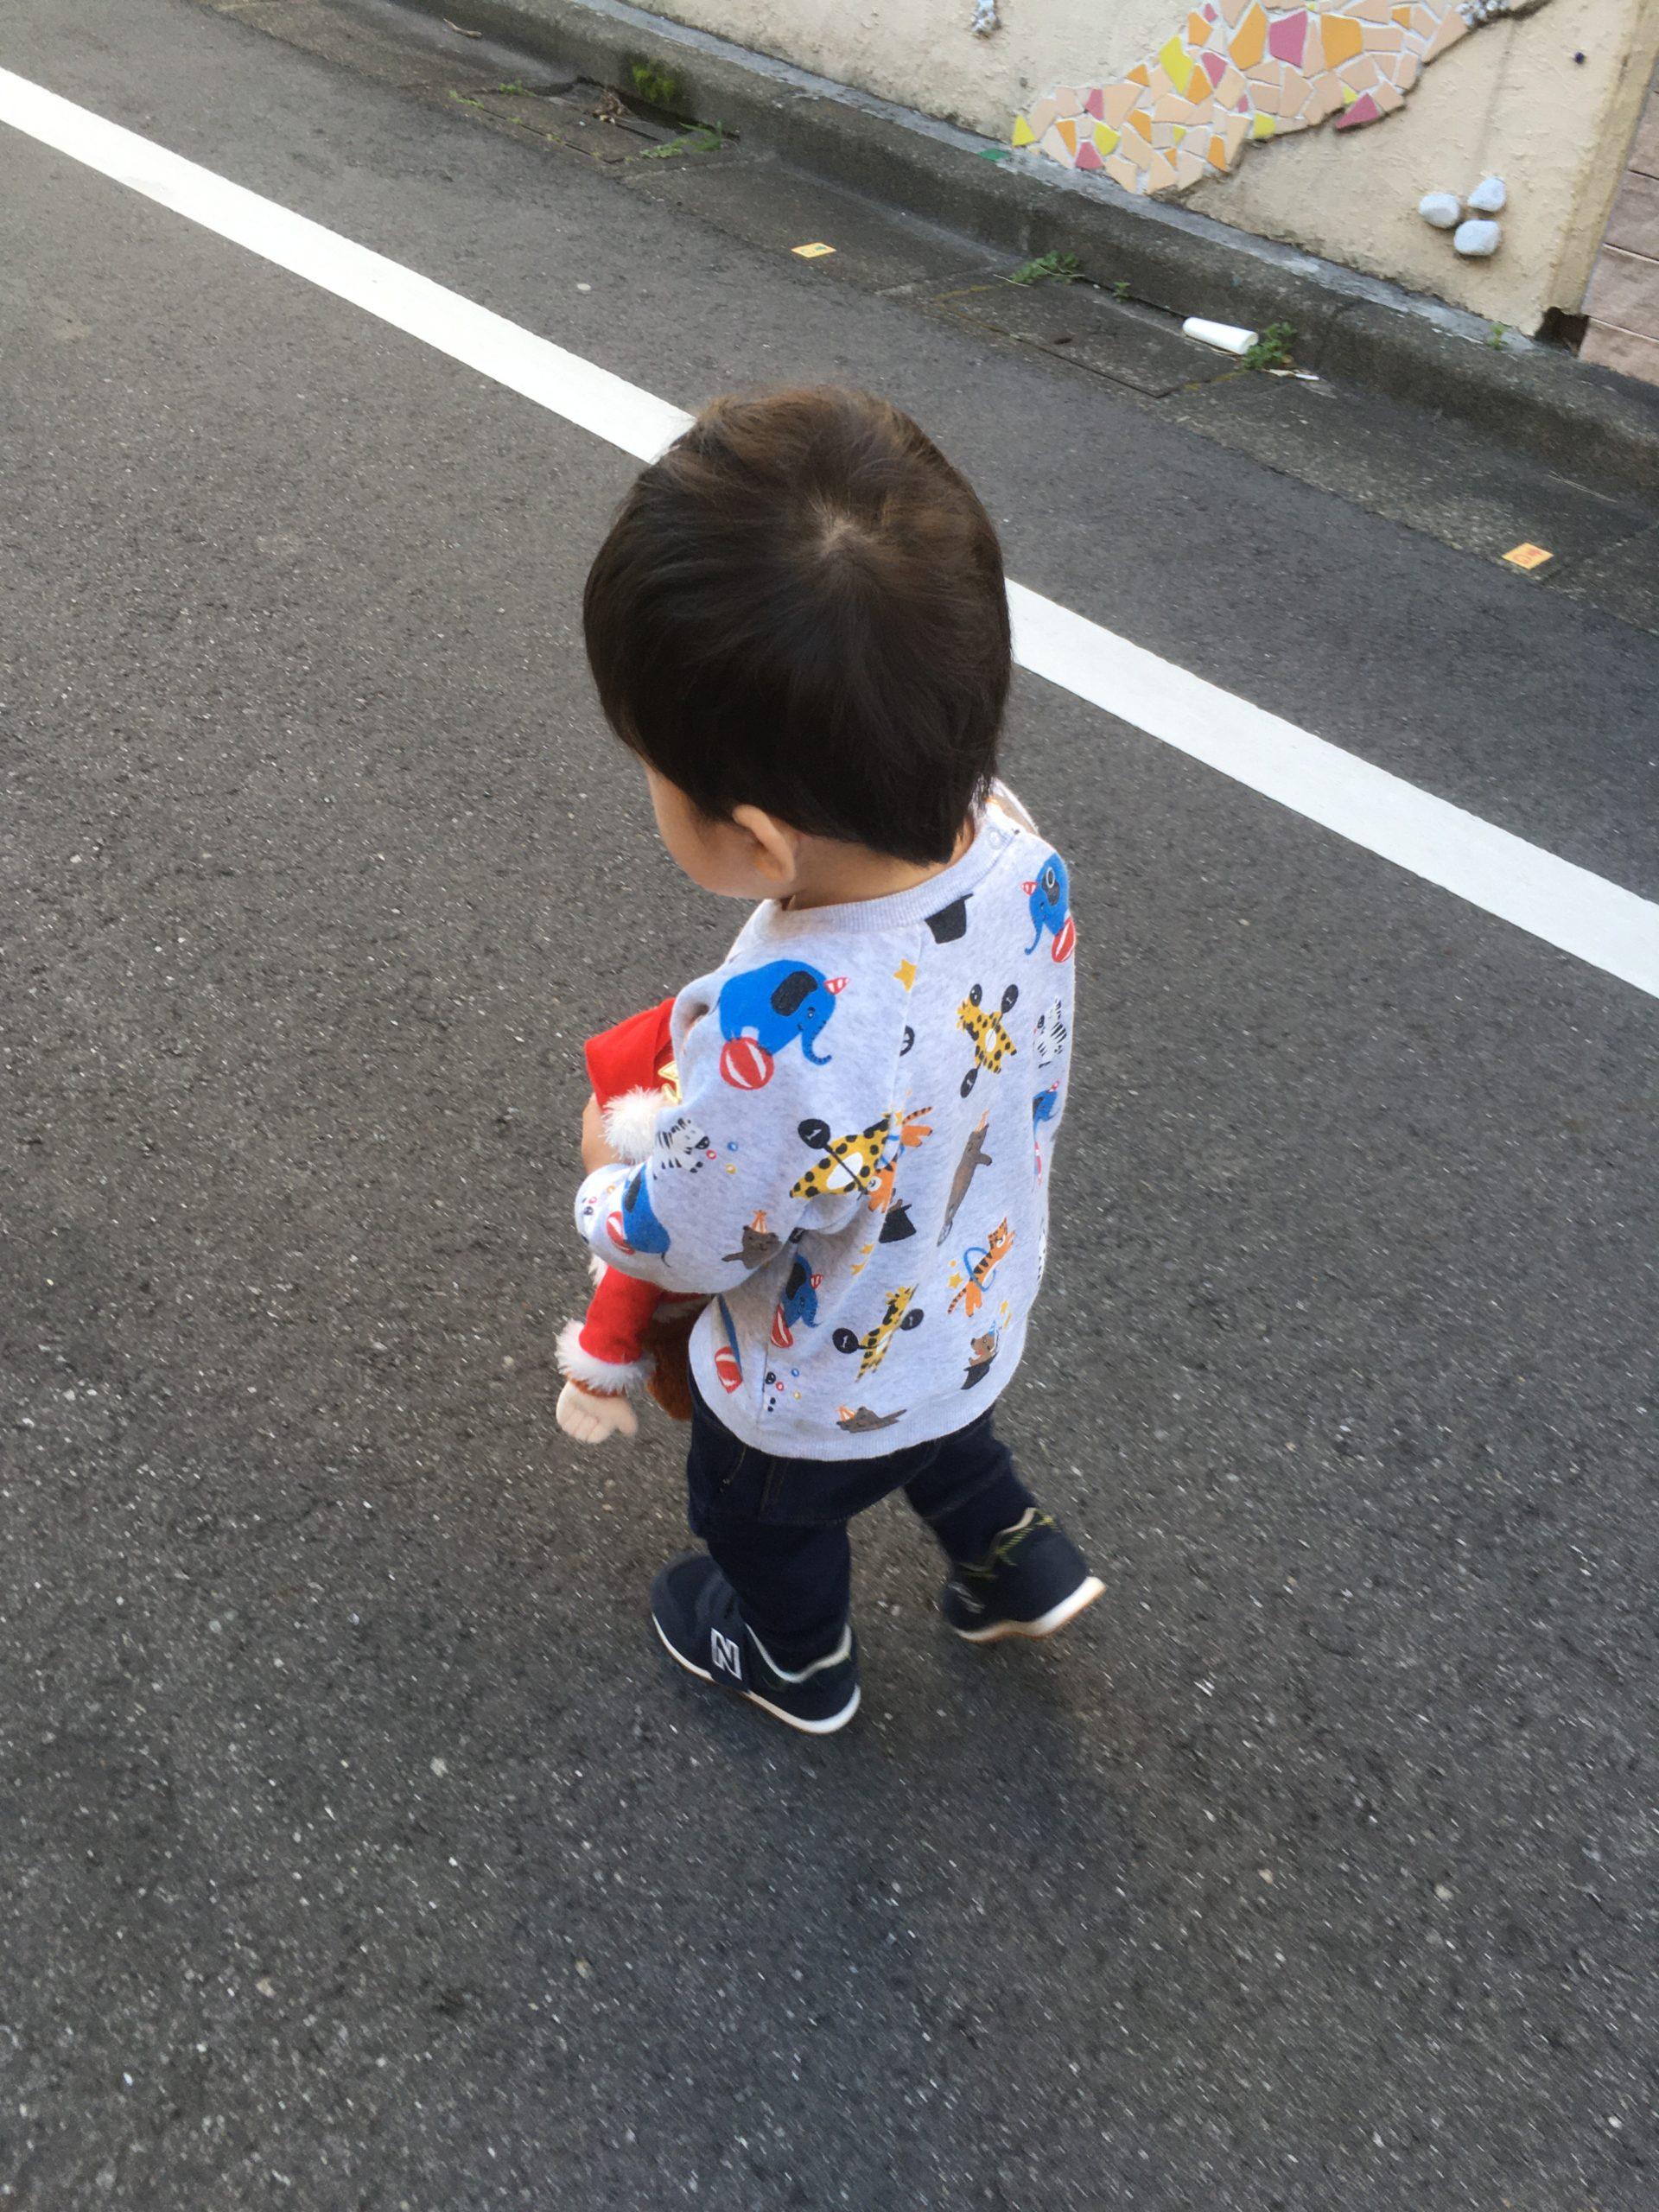 10 ヶ月 体重 1 歳